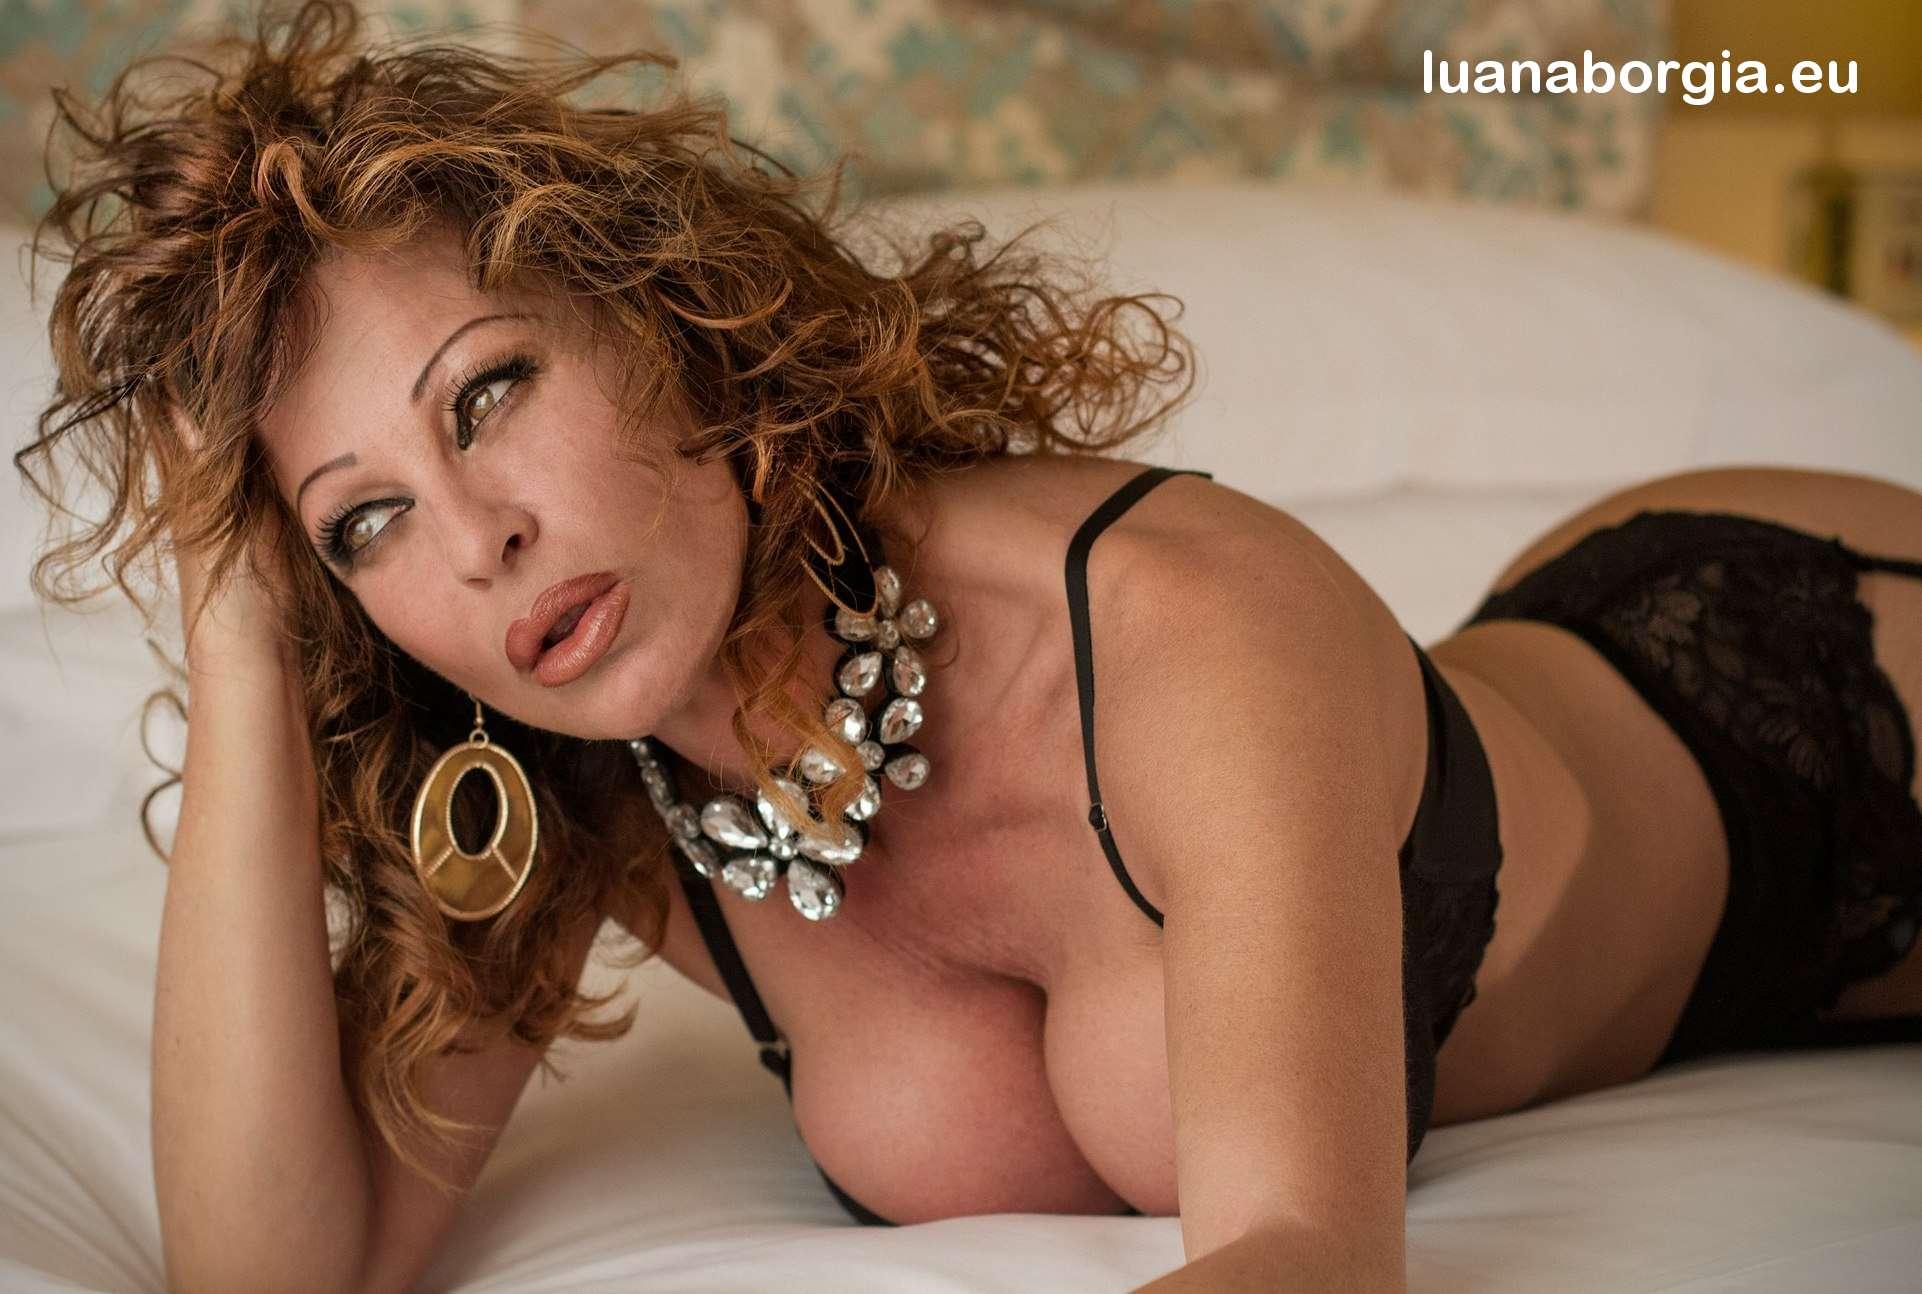 Lesbo Luana Borgia 74